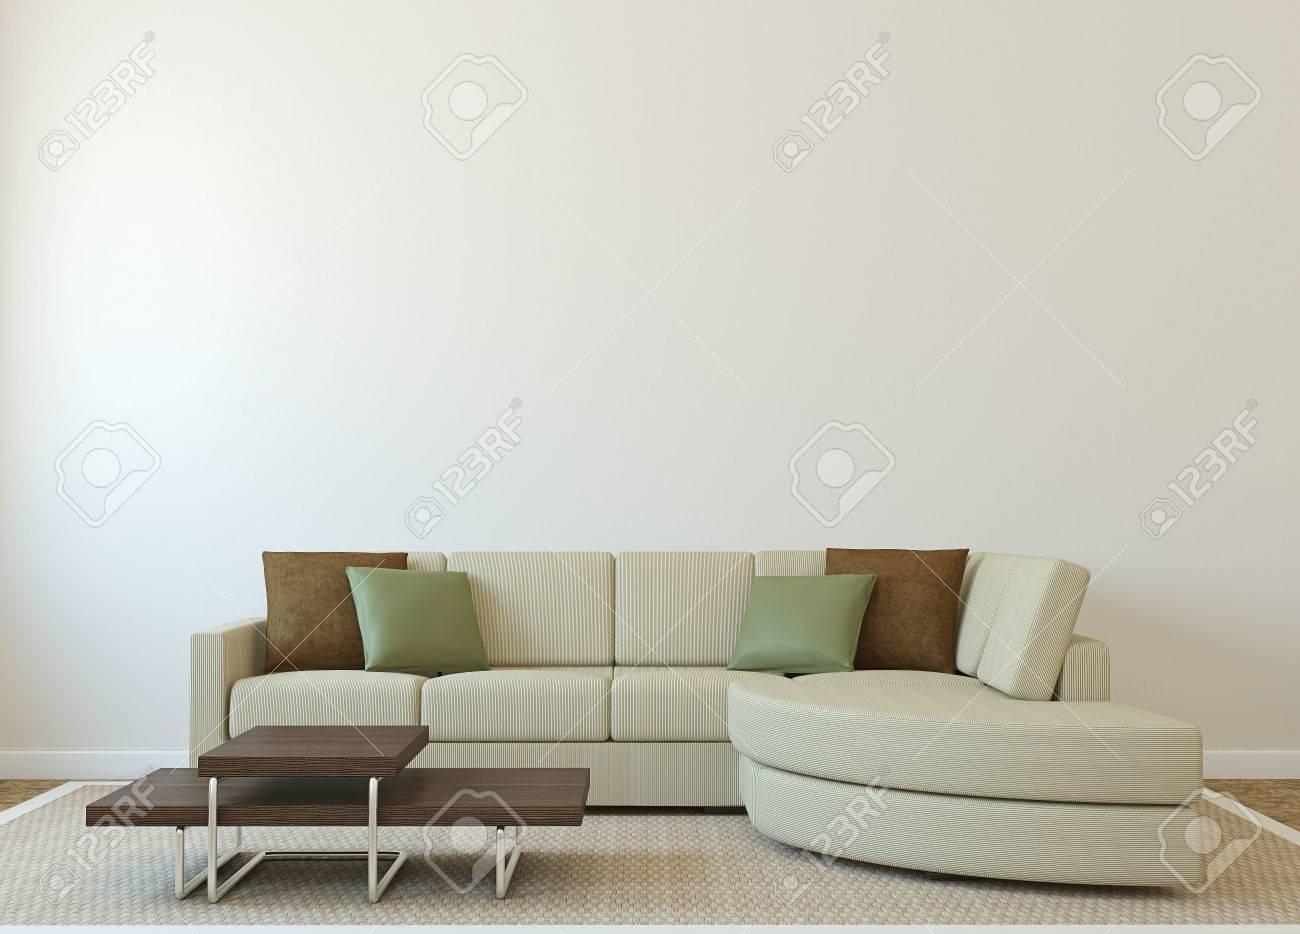 Moderne Wohnzimmer-Interieur Mit Couch In Der Nähe Leer Beige Wand ...